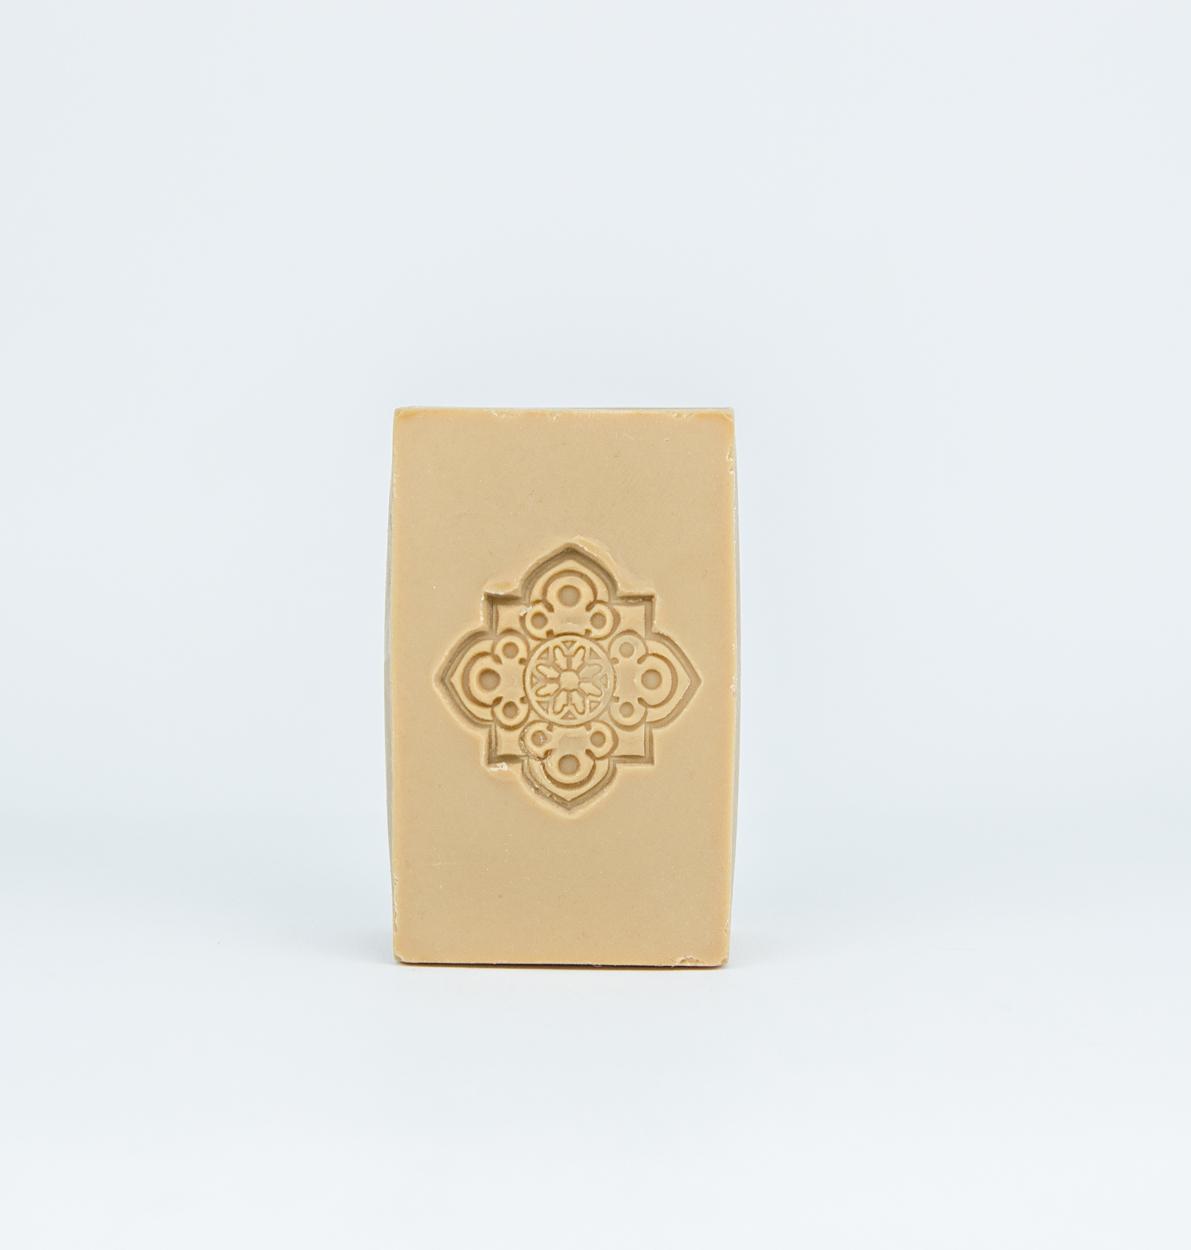 Nebu olive oil soap 100% natural made in Australia